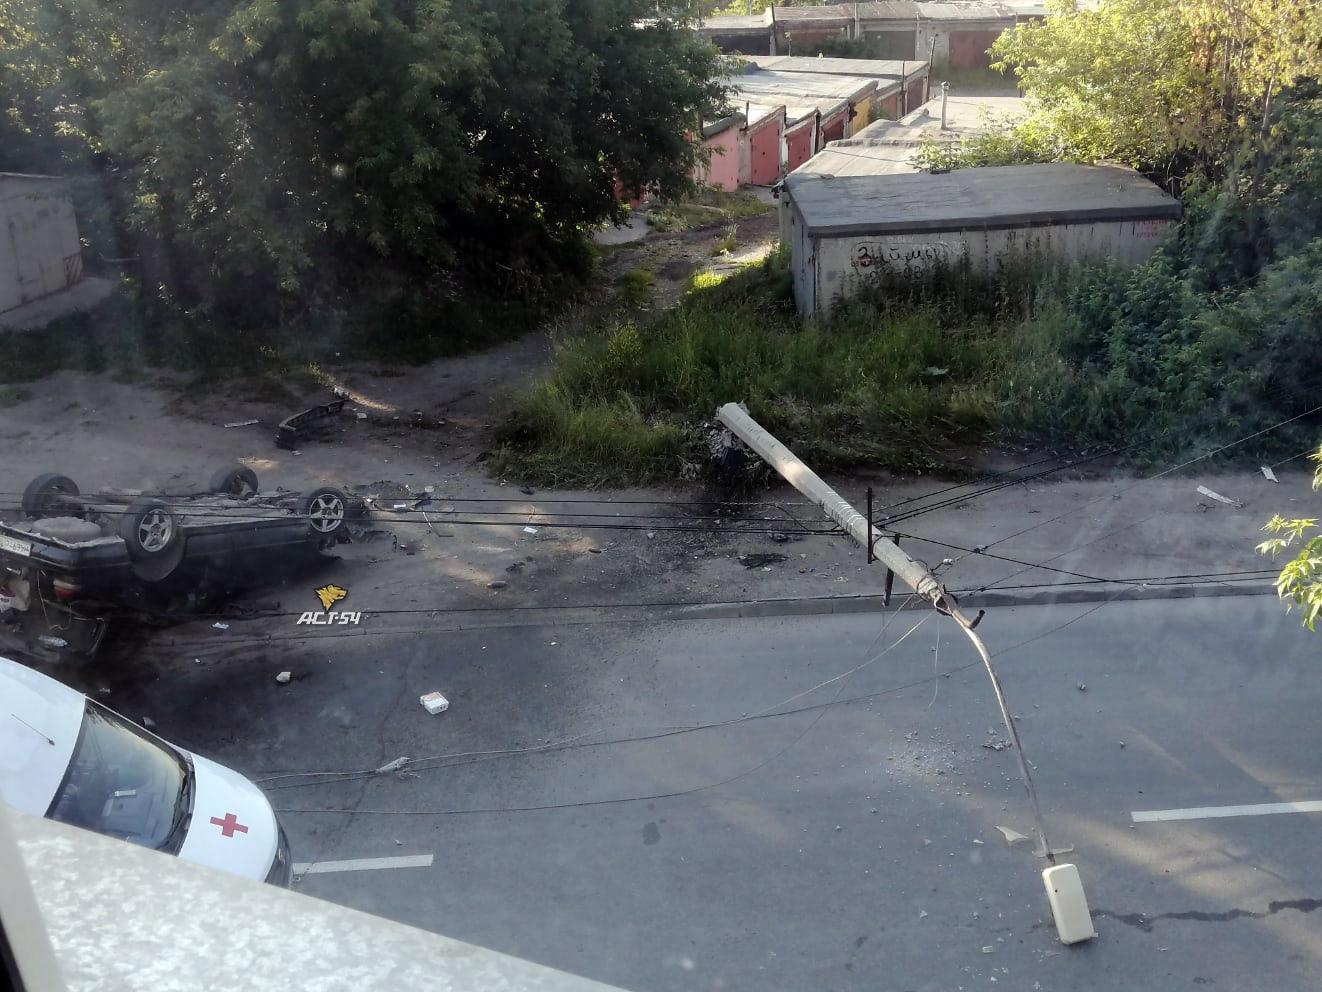 фото Сбили столб и перевернулись на крышу: ДТП на улице Народной в Новосибирске 2